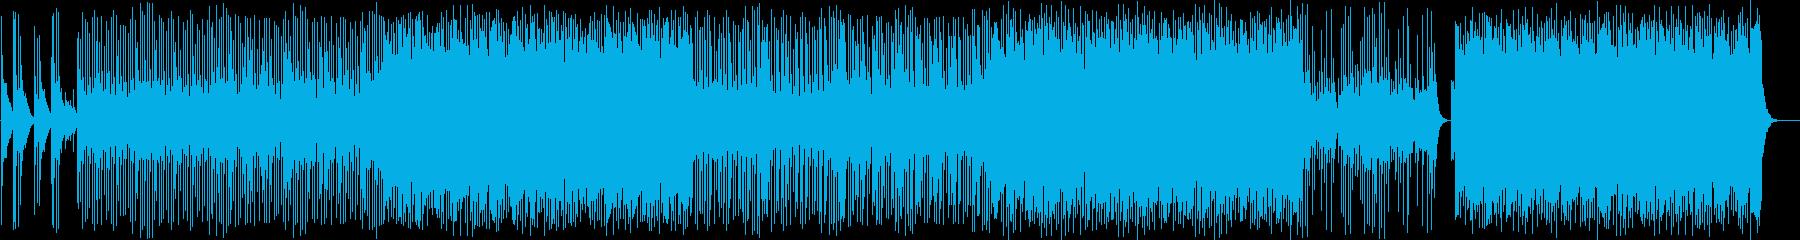 和風/和楽器/掛け声(は!/よ!)/A3の再生済みの波形